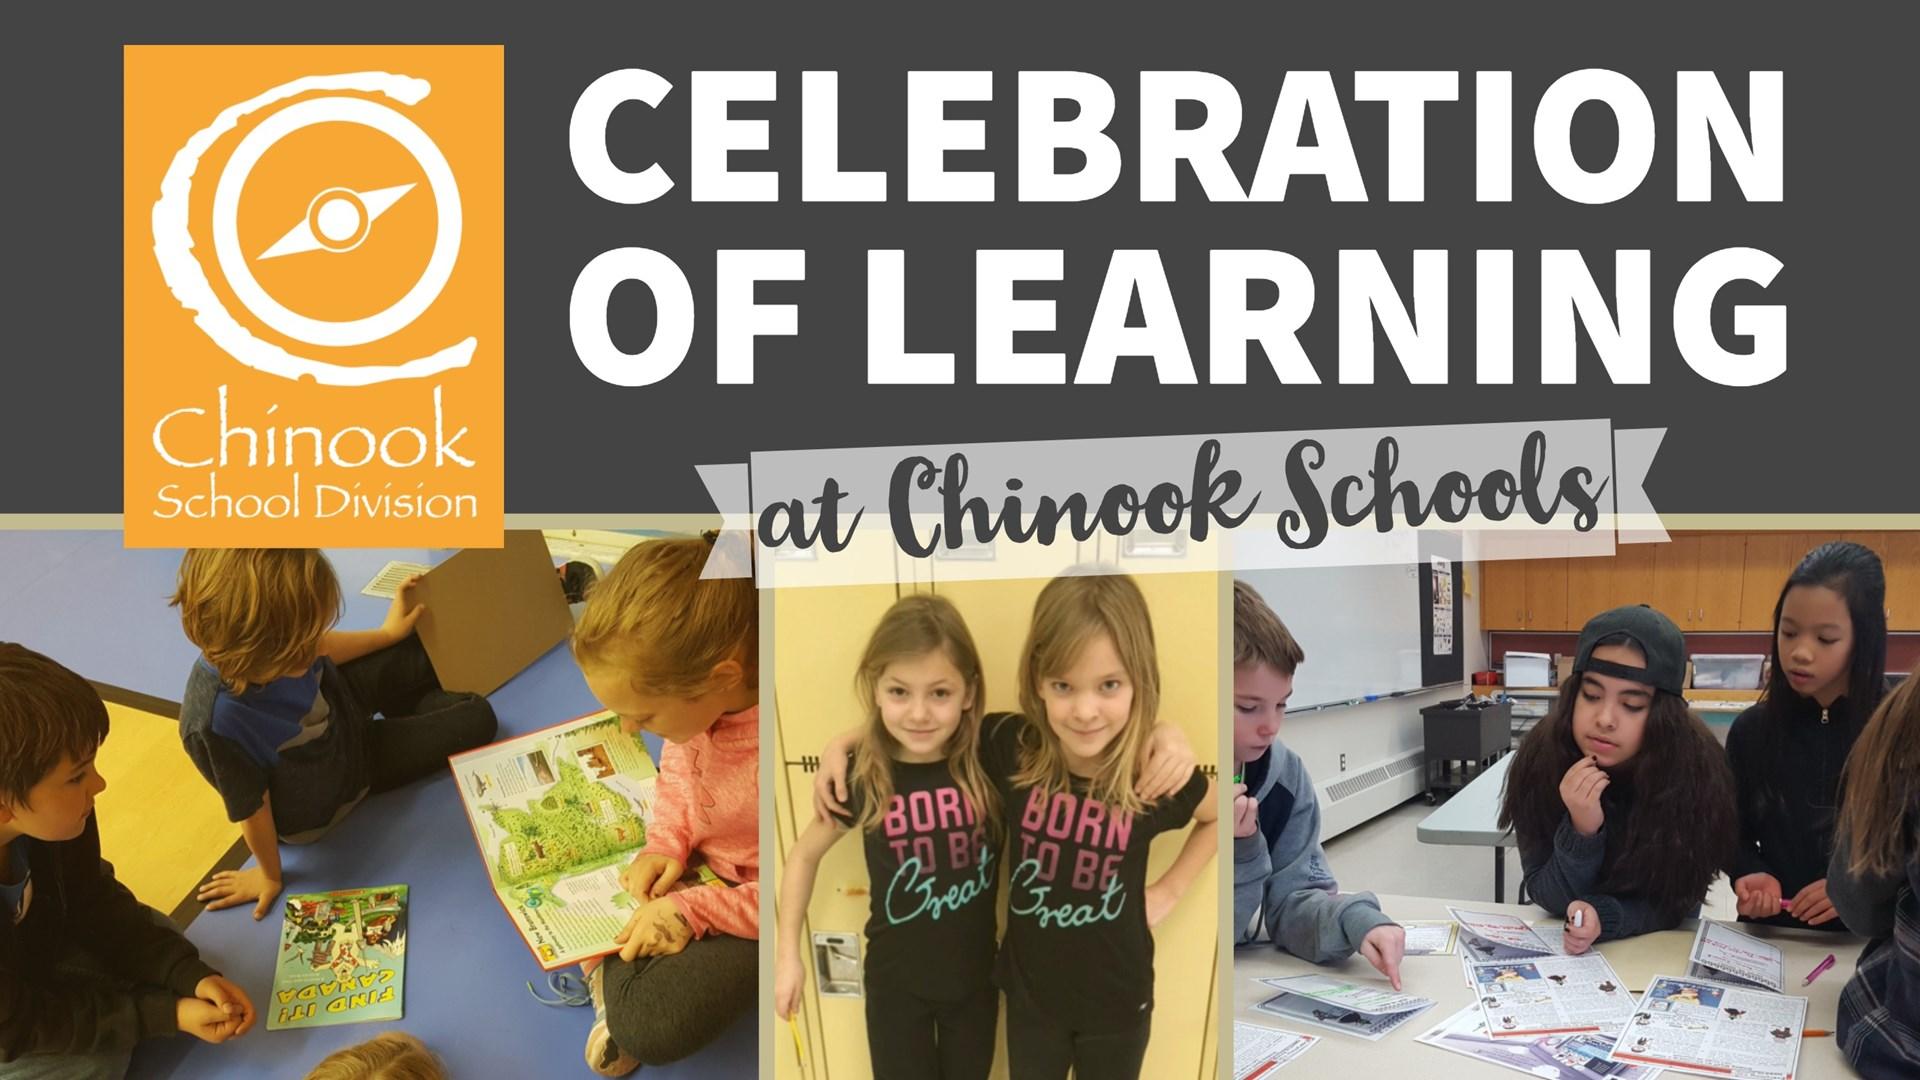 Celebration of Learning COVER (3).jpg